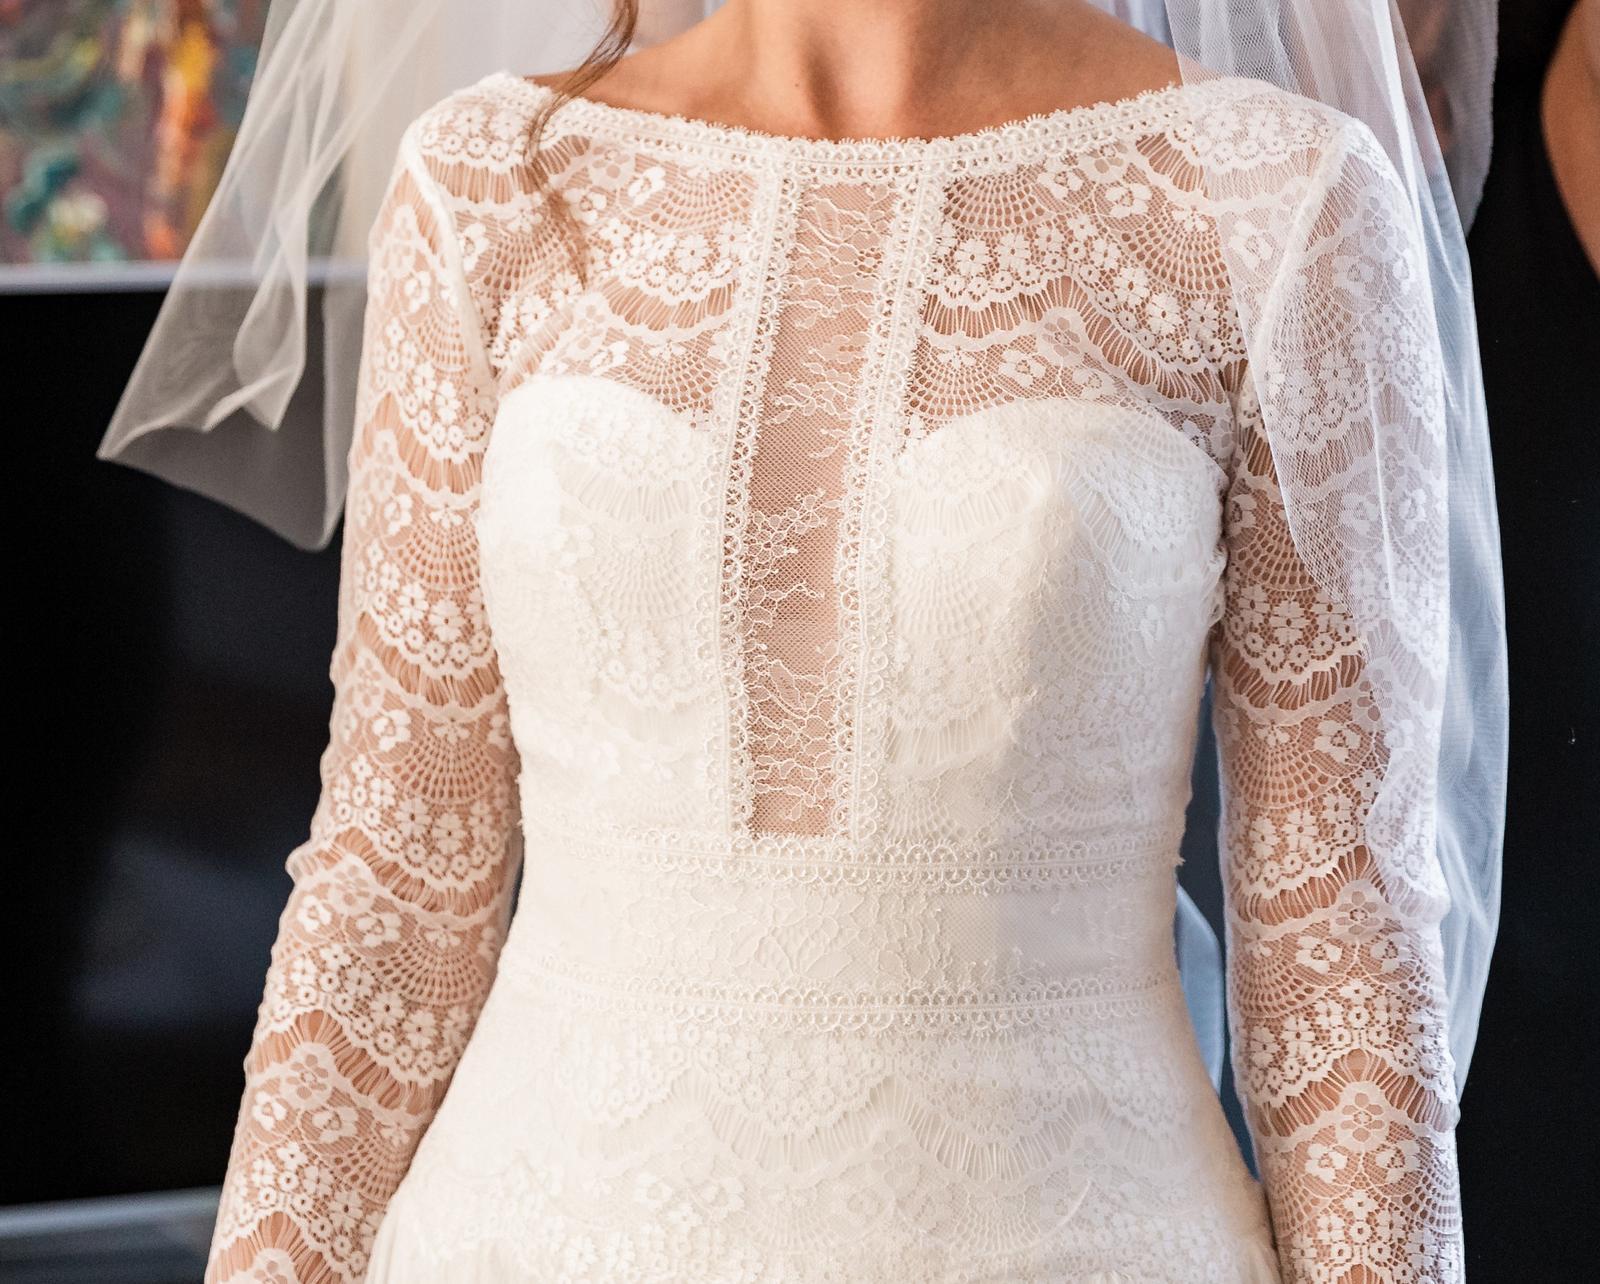 Moje svadobné šaty - Obrázok č. 2